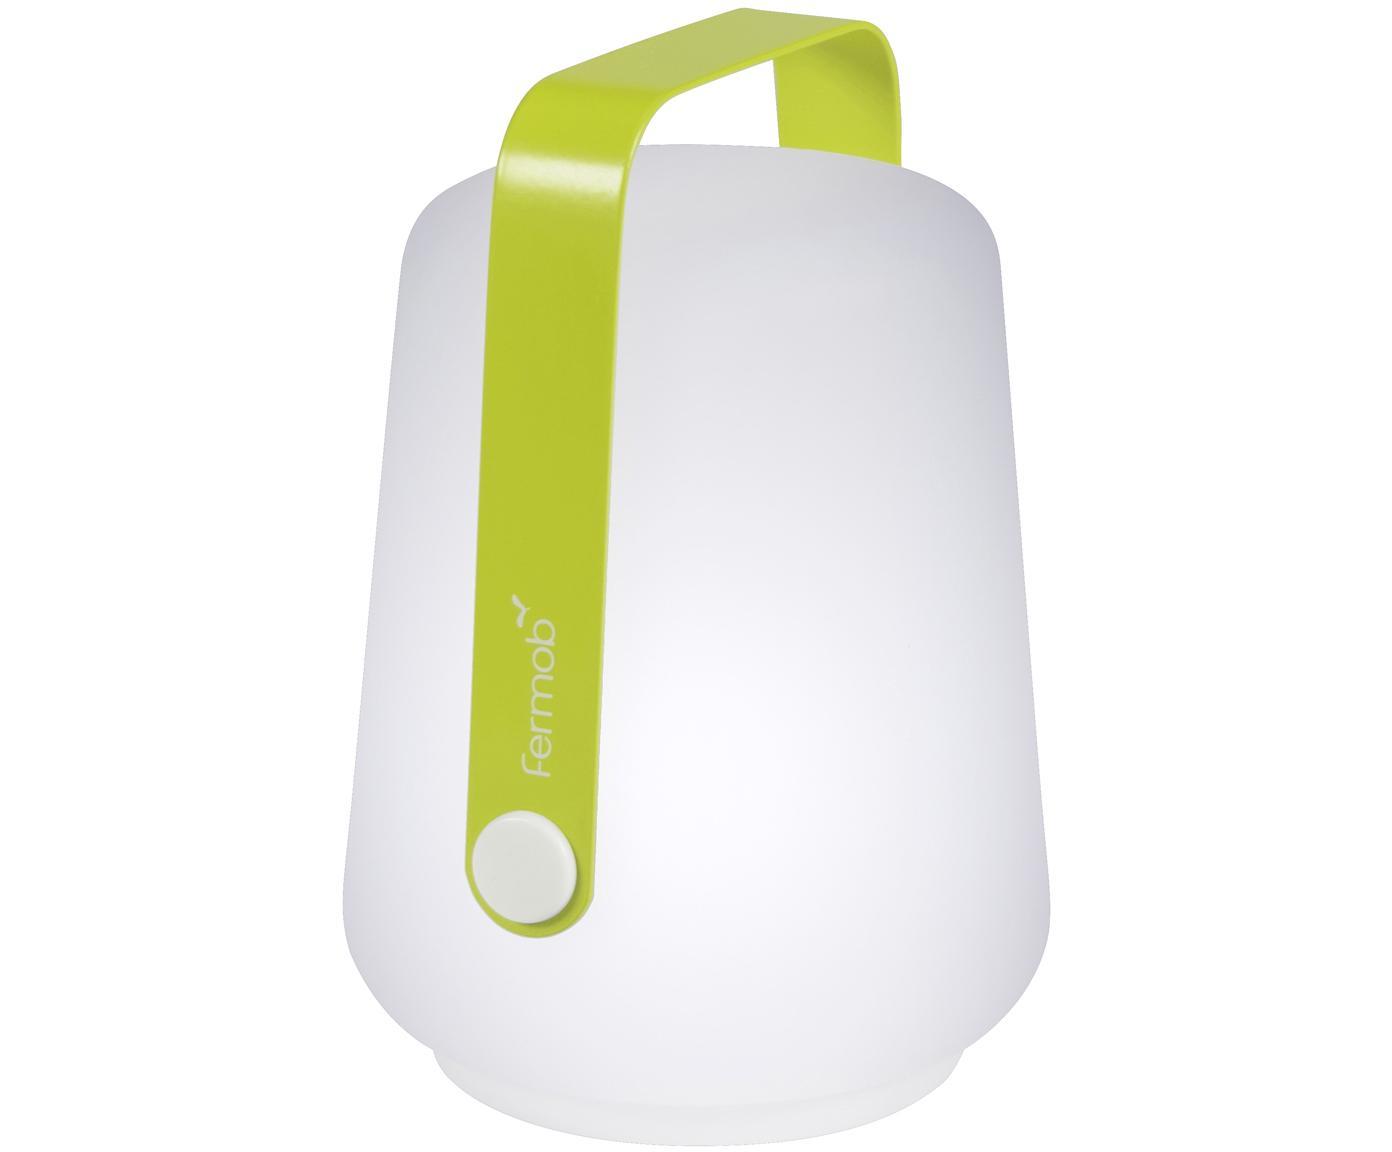 Lampada portatile a LED da esterno Balad 3 pz, Paralume: polietilene, Manico: alluminio verniciato, Verde chiaro, Ø 10 x Alt. 13 cm